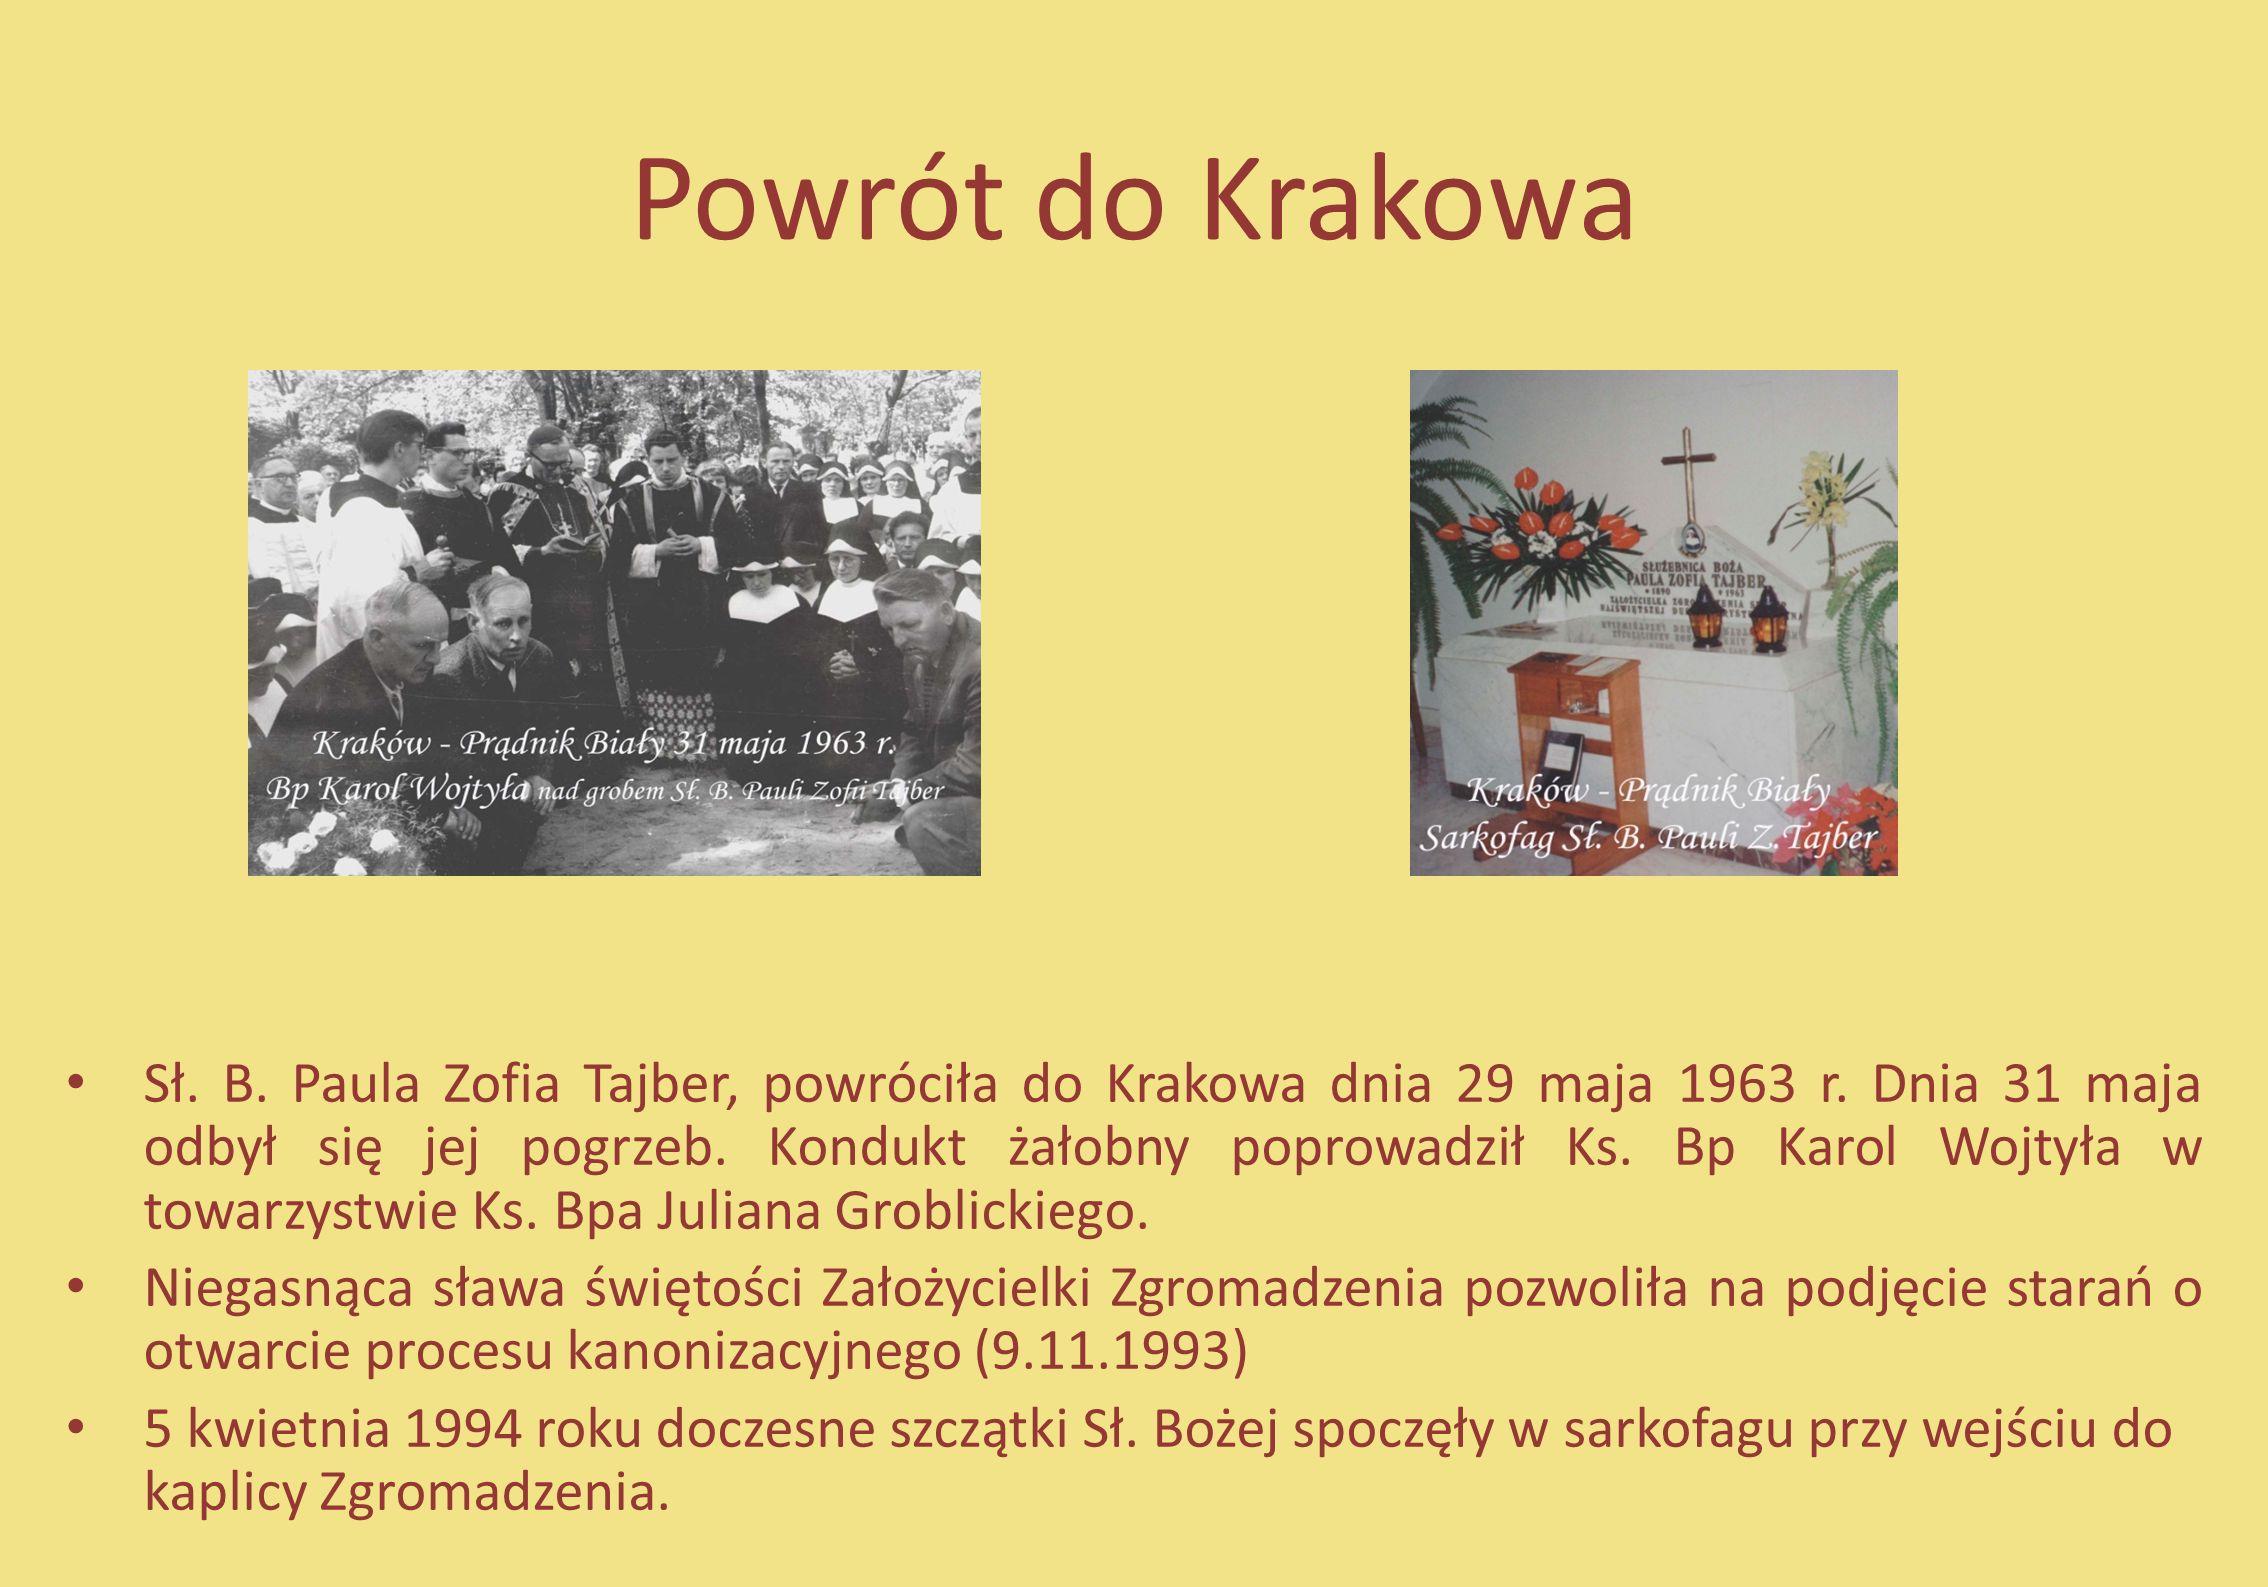 Powrót do Krakowa Sł. B. Paula Zofia Tajber, powróciła do Krakowa dnia 29 maja 1963 r. Dnia 31 maja odbył się jej pogrzeb. Kondukt żałobny poprowadził